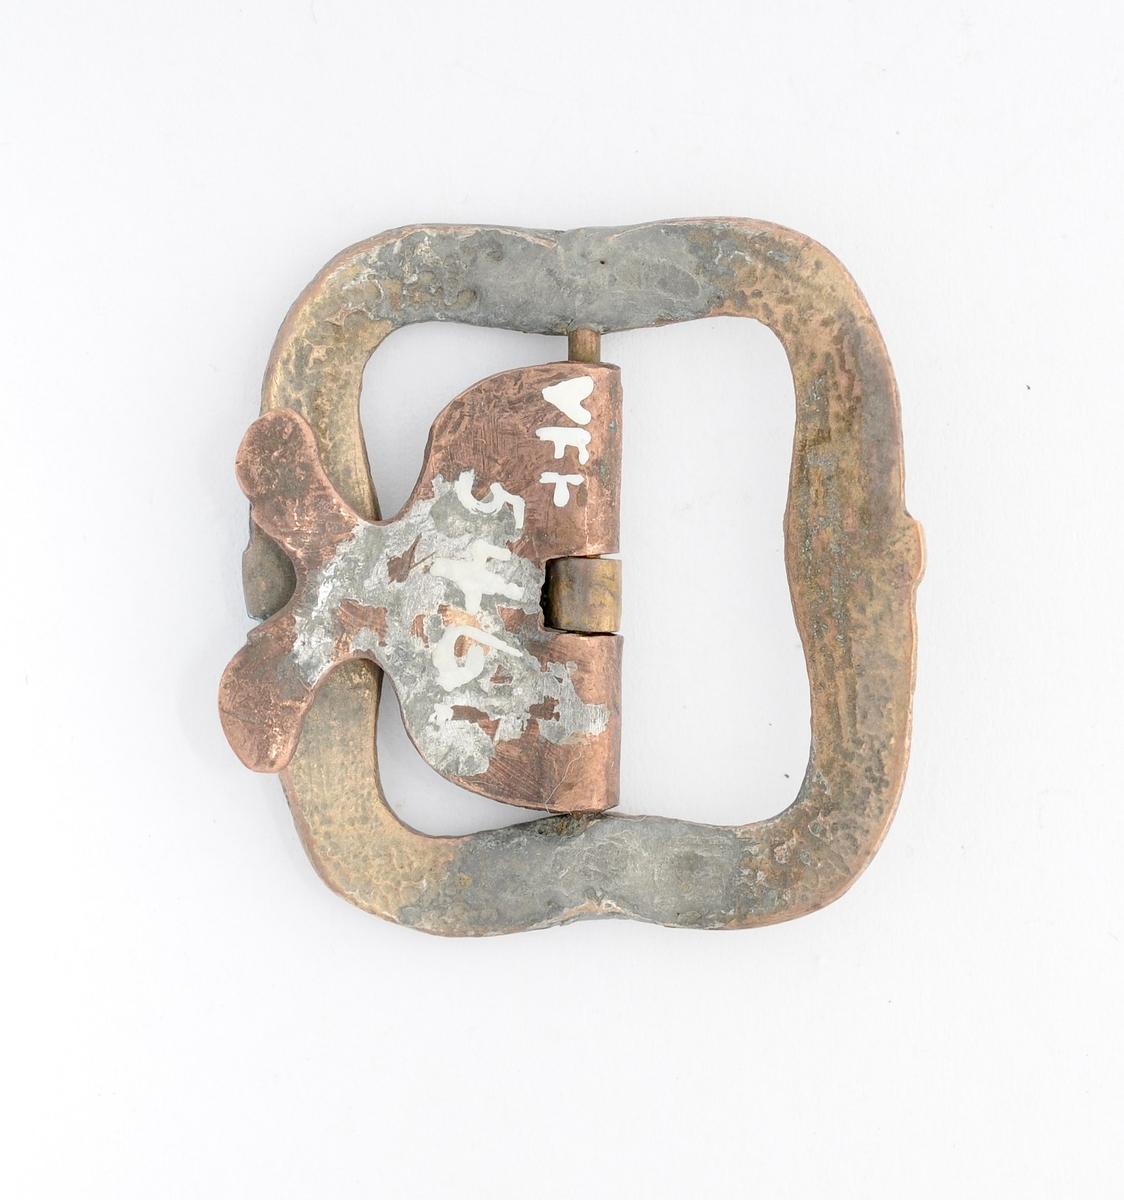 Knebandspenne støypt i messing. Rektangulær form. Lite bøygd. Stolpe, kalv og tann smidd i kobber. Reparert ved stolpefeste.